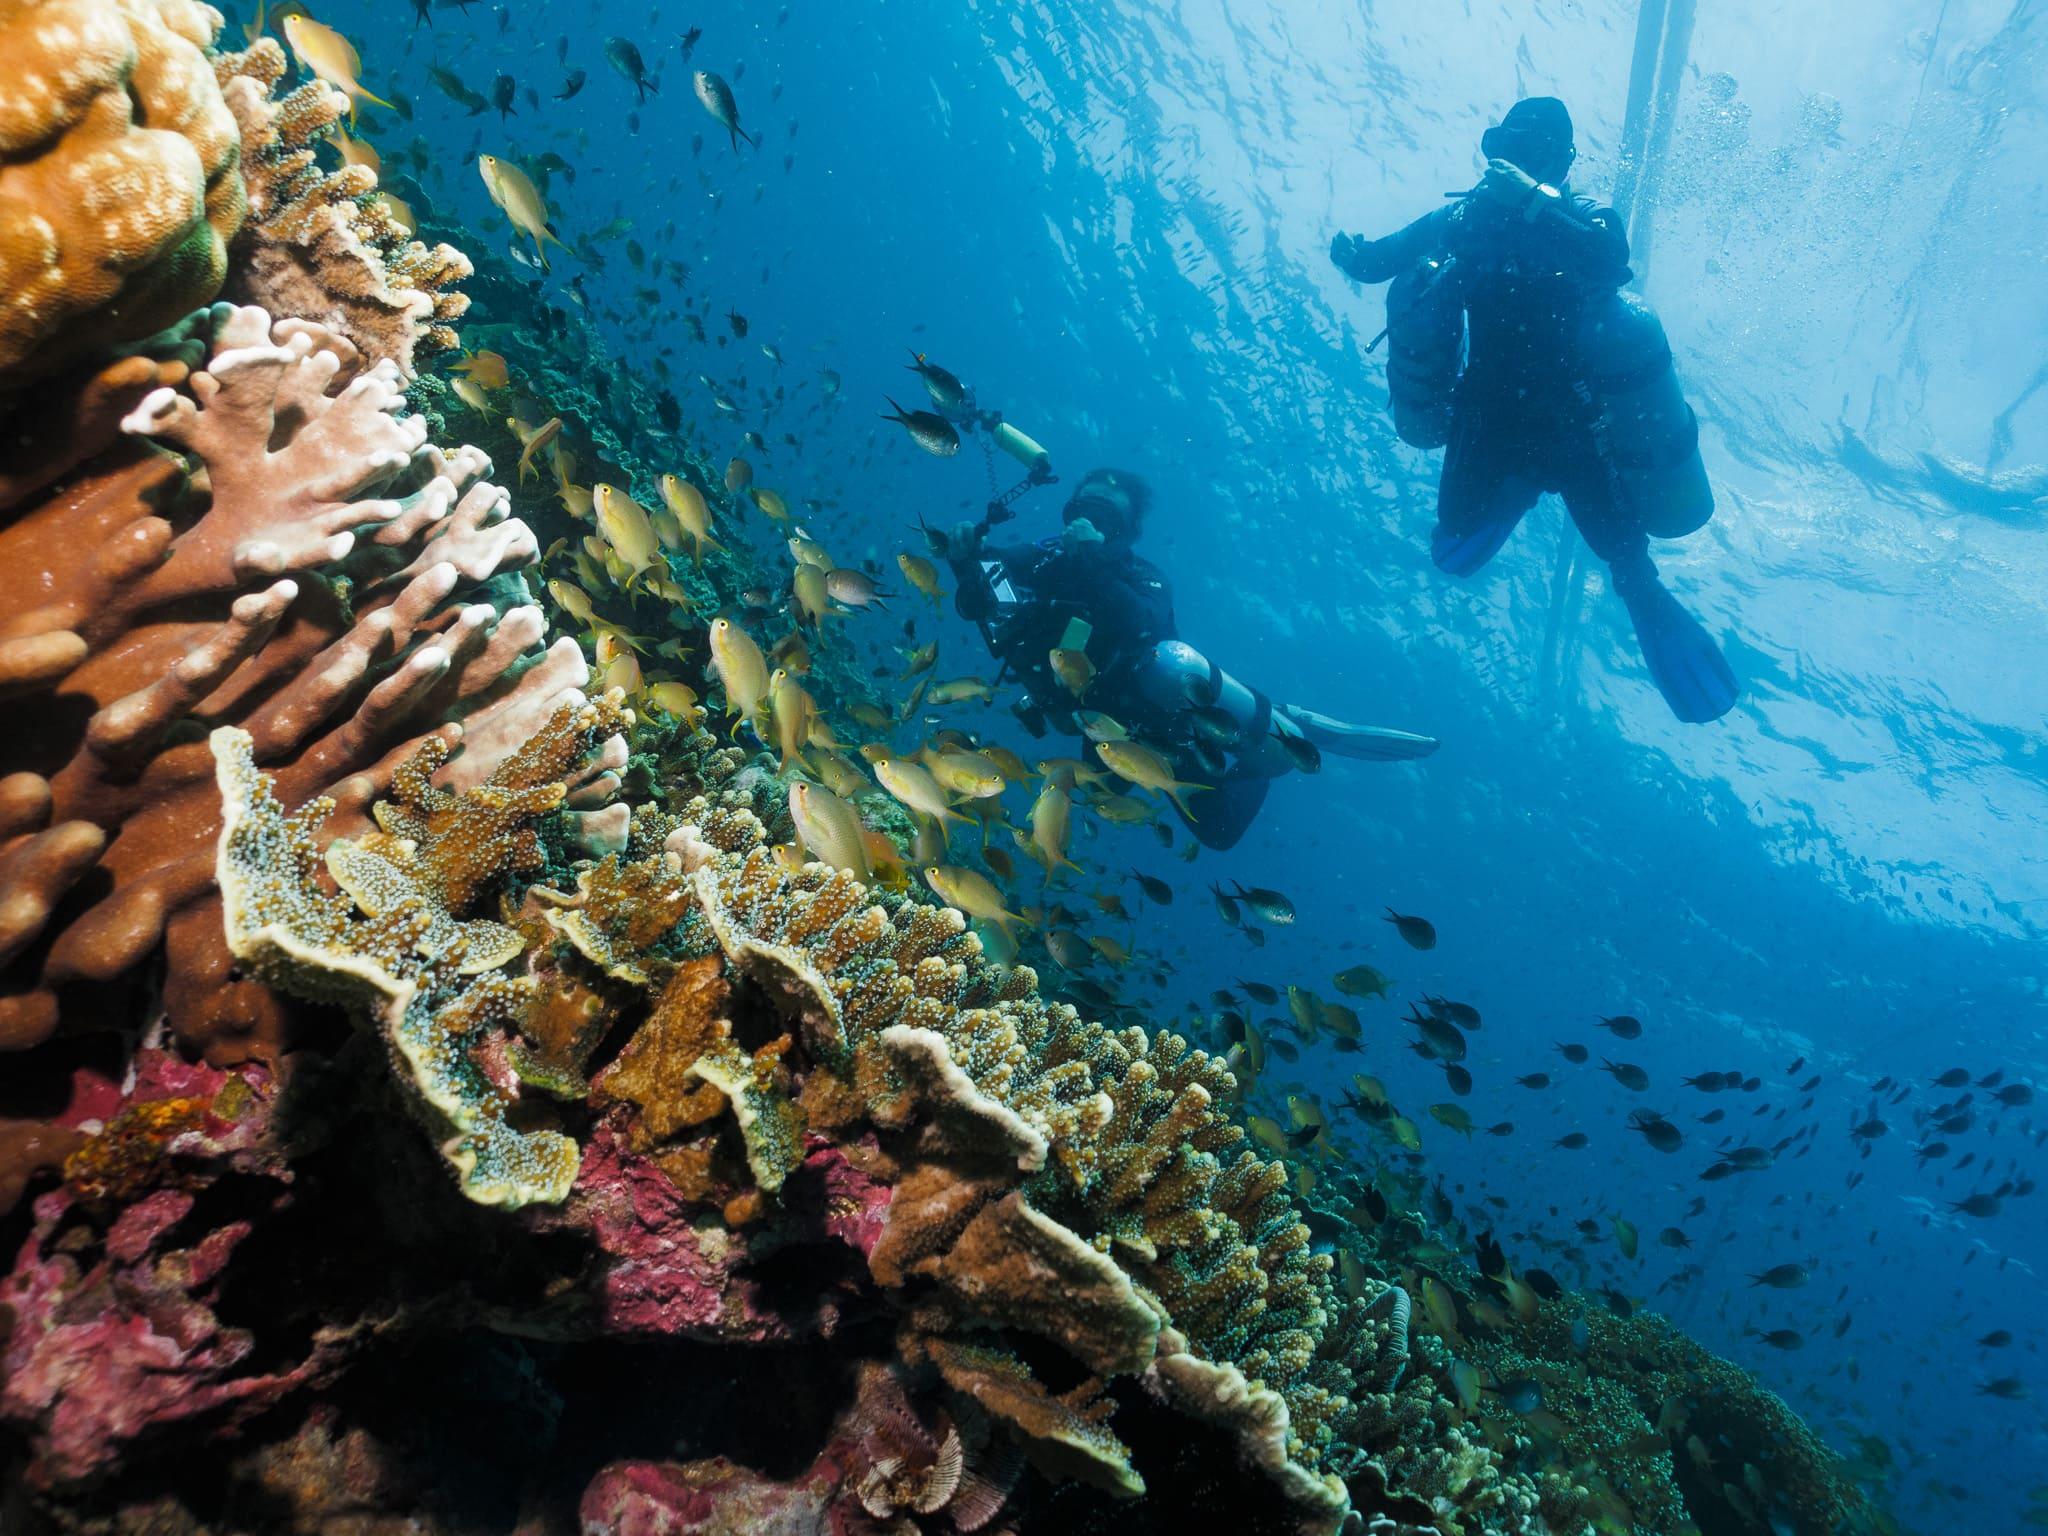 Beautiful marine life at Cebu